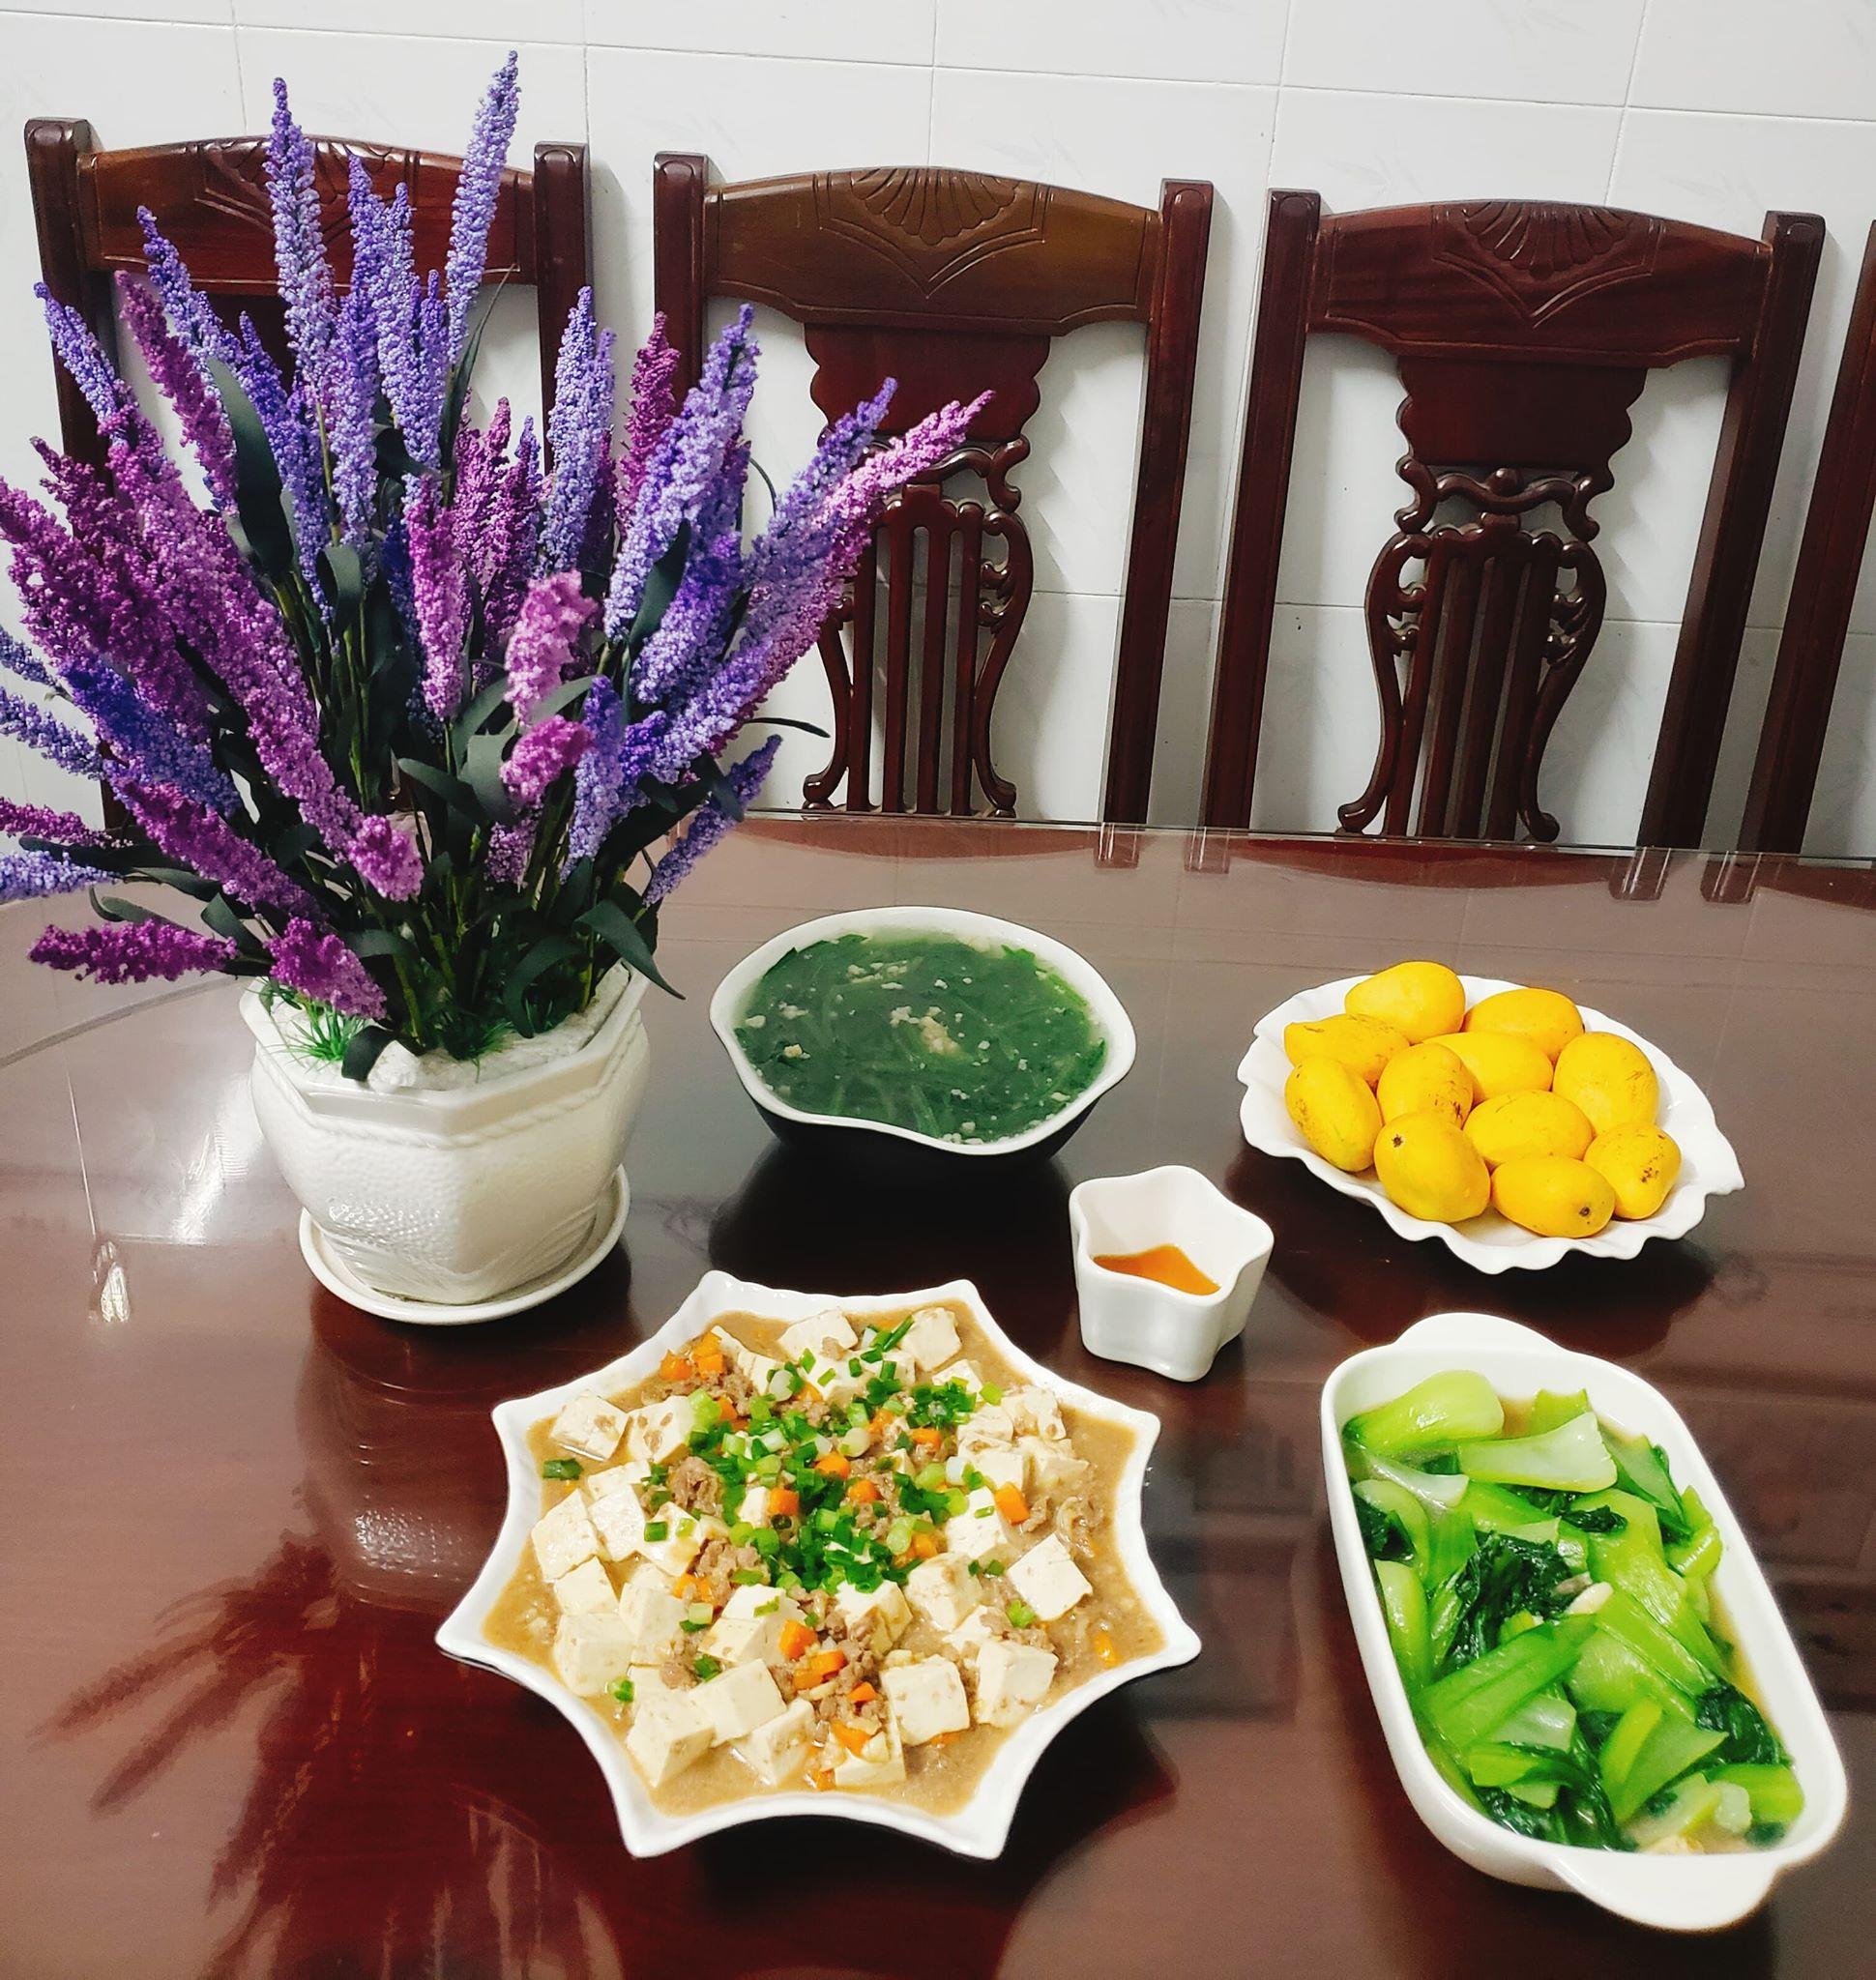 Chỉ từ 130k trở lên, bà nội trợ đảm Sài Gòn sắm sửa mỗi bữa cơm đều như đãi tiệc với các món bổ dưỡng, đẹp mắt cho gia đình 6 thành viên - Ảnh 9.